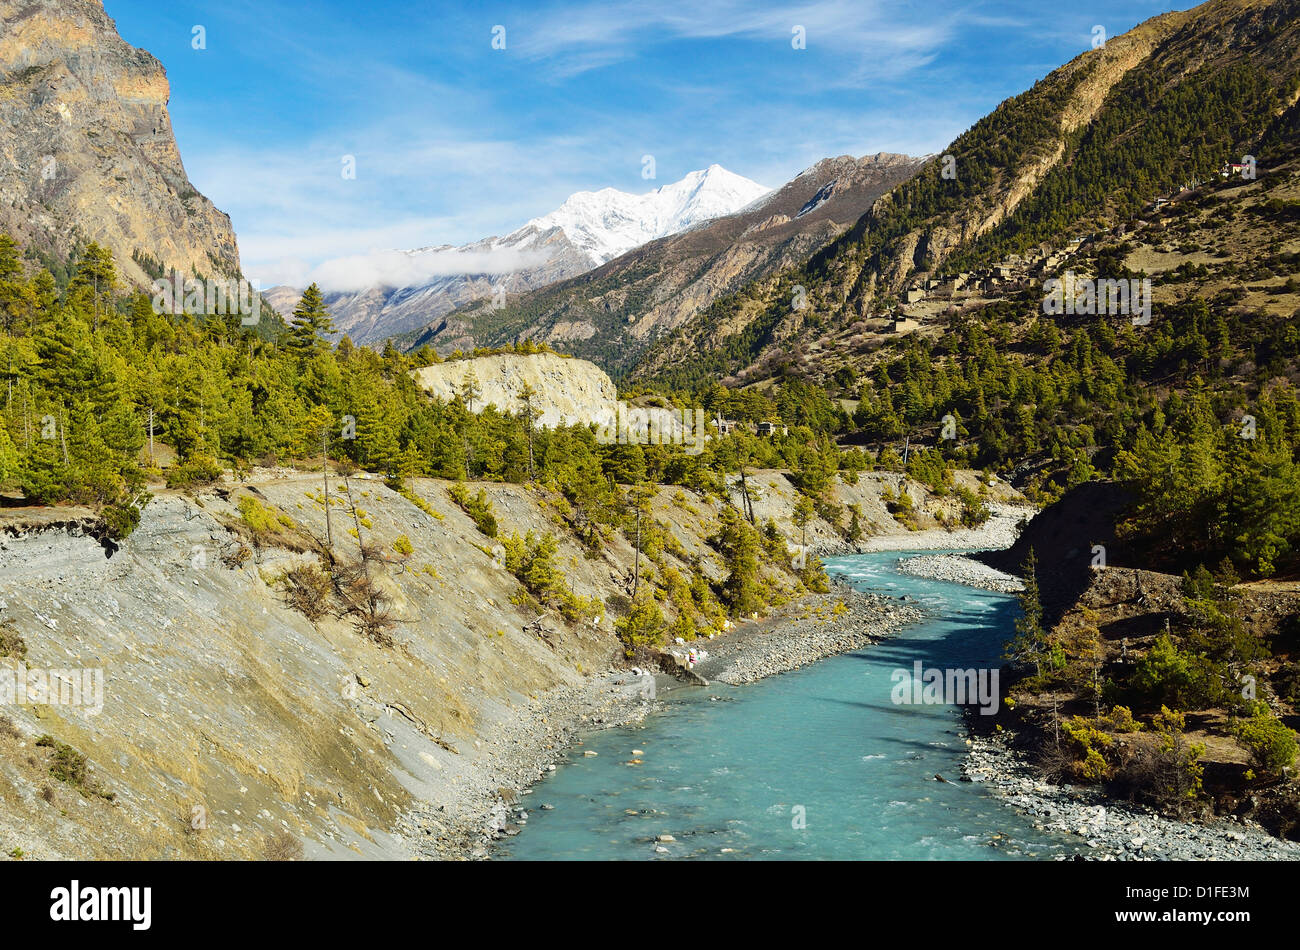 Valle del Río Marsyangdi, Área de Conservación de Annapurna, Gandaki, Región Occidental (Pashchimanchal), Imagen De Stock